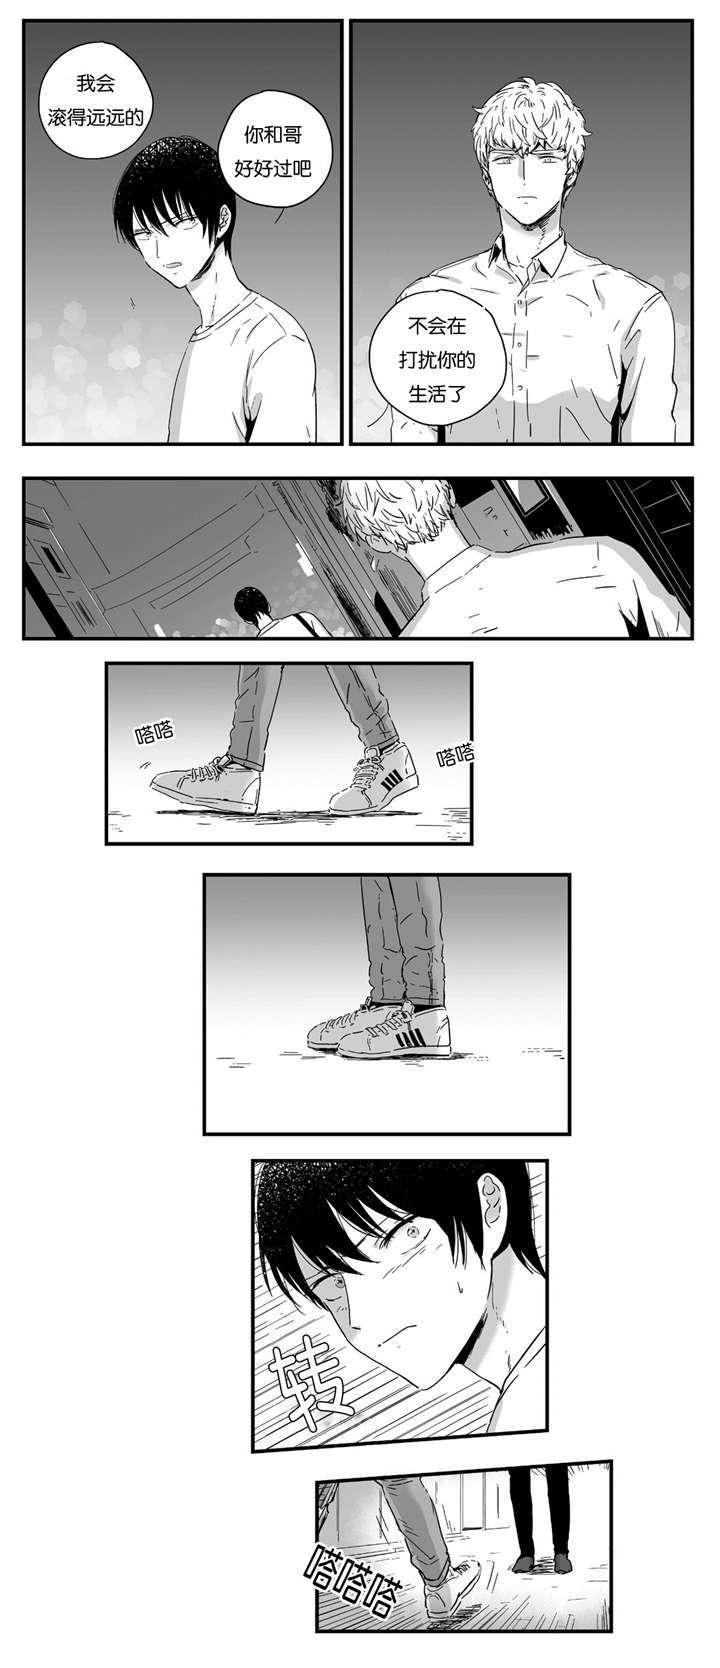 第10章-目击过后/如此讨厌我的话